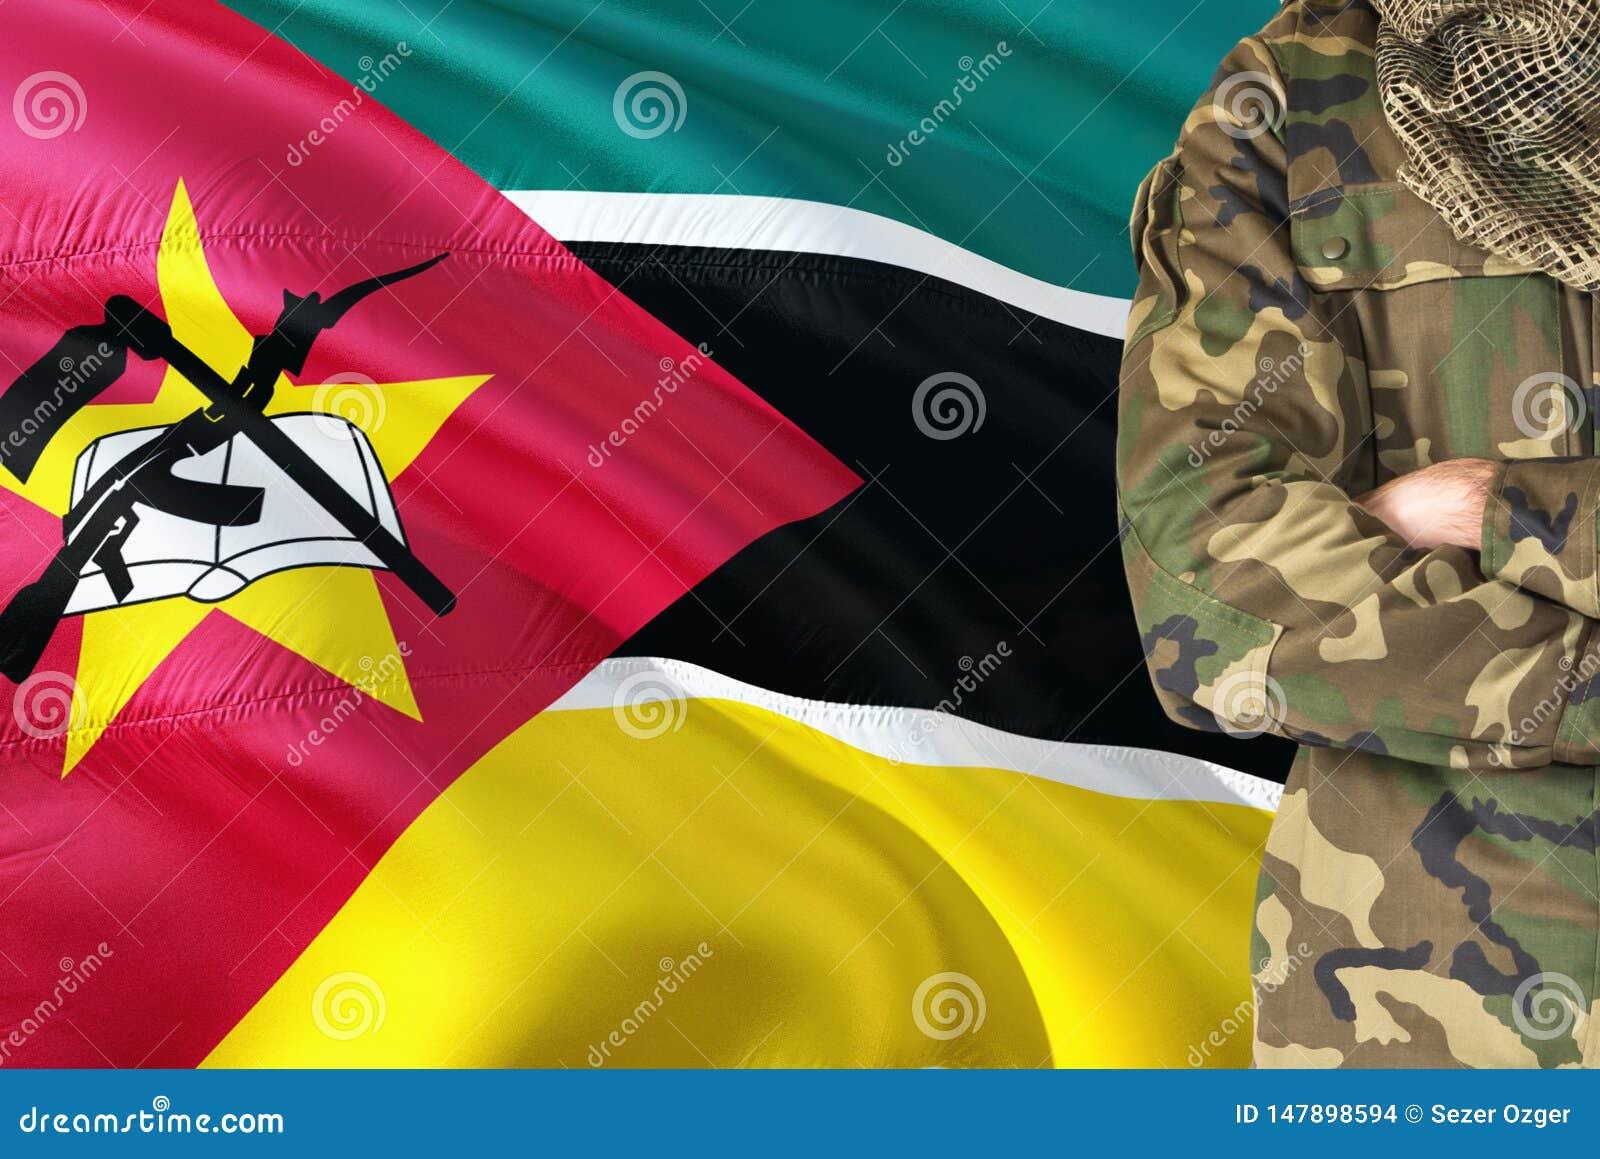 有全国挥动的旗子的横渡的胳膊莫桑比克士兵在背景-莫桑比克军事题材